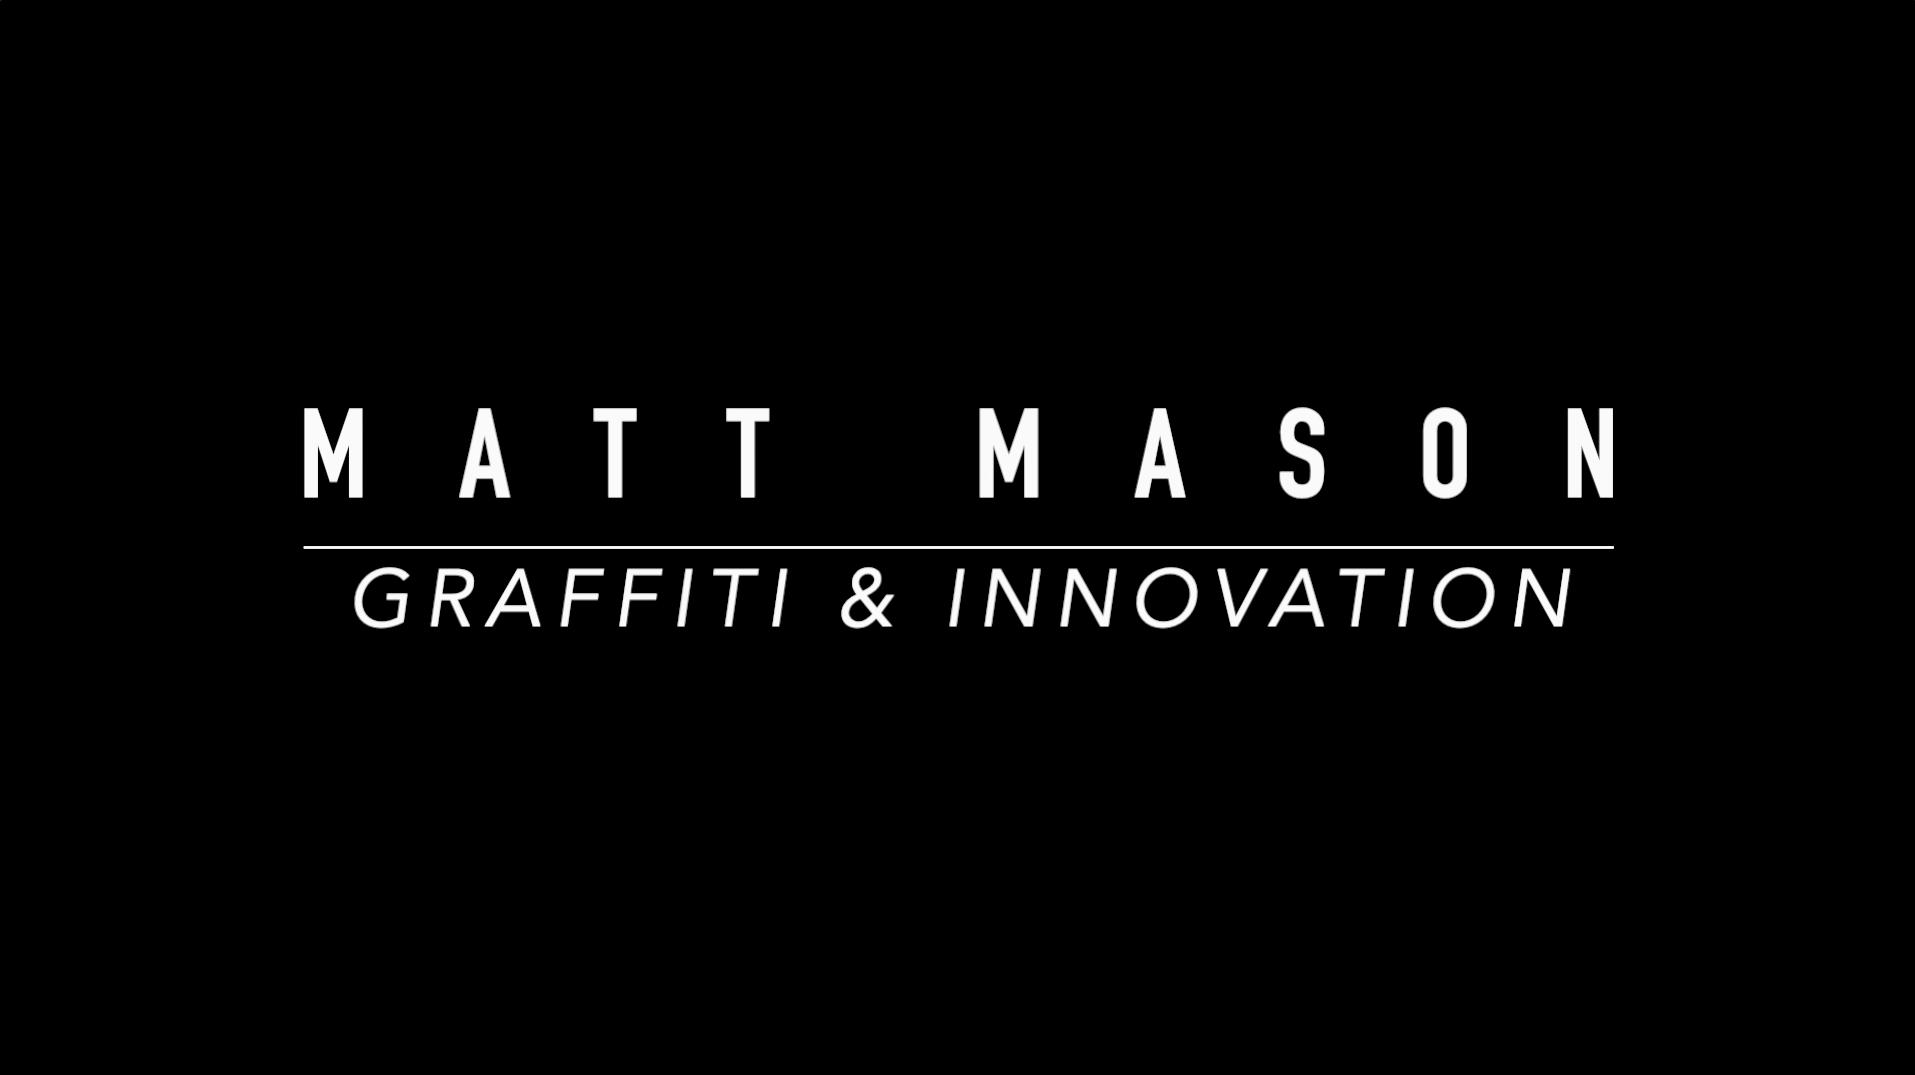 Matt Mason - Graffiti and innovation